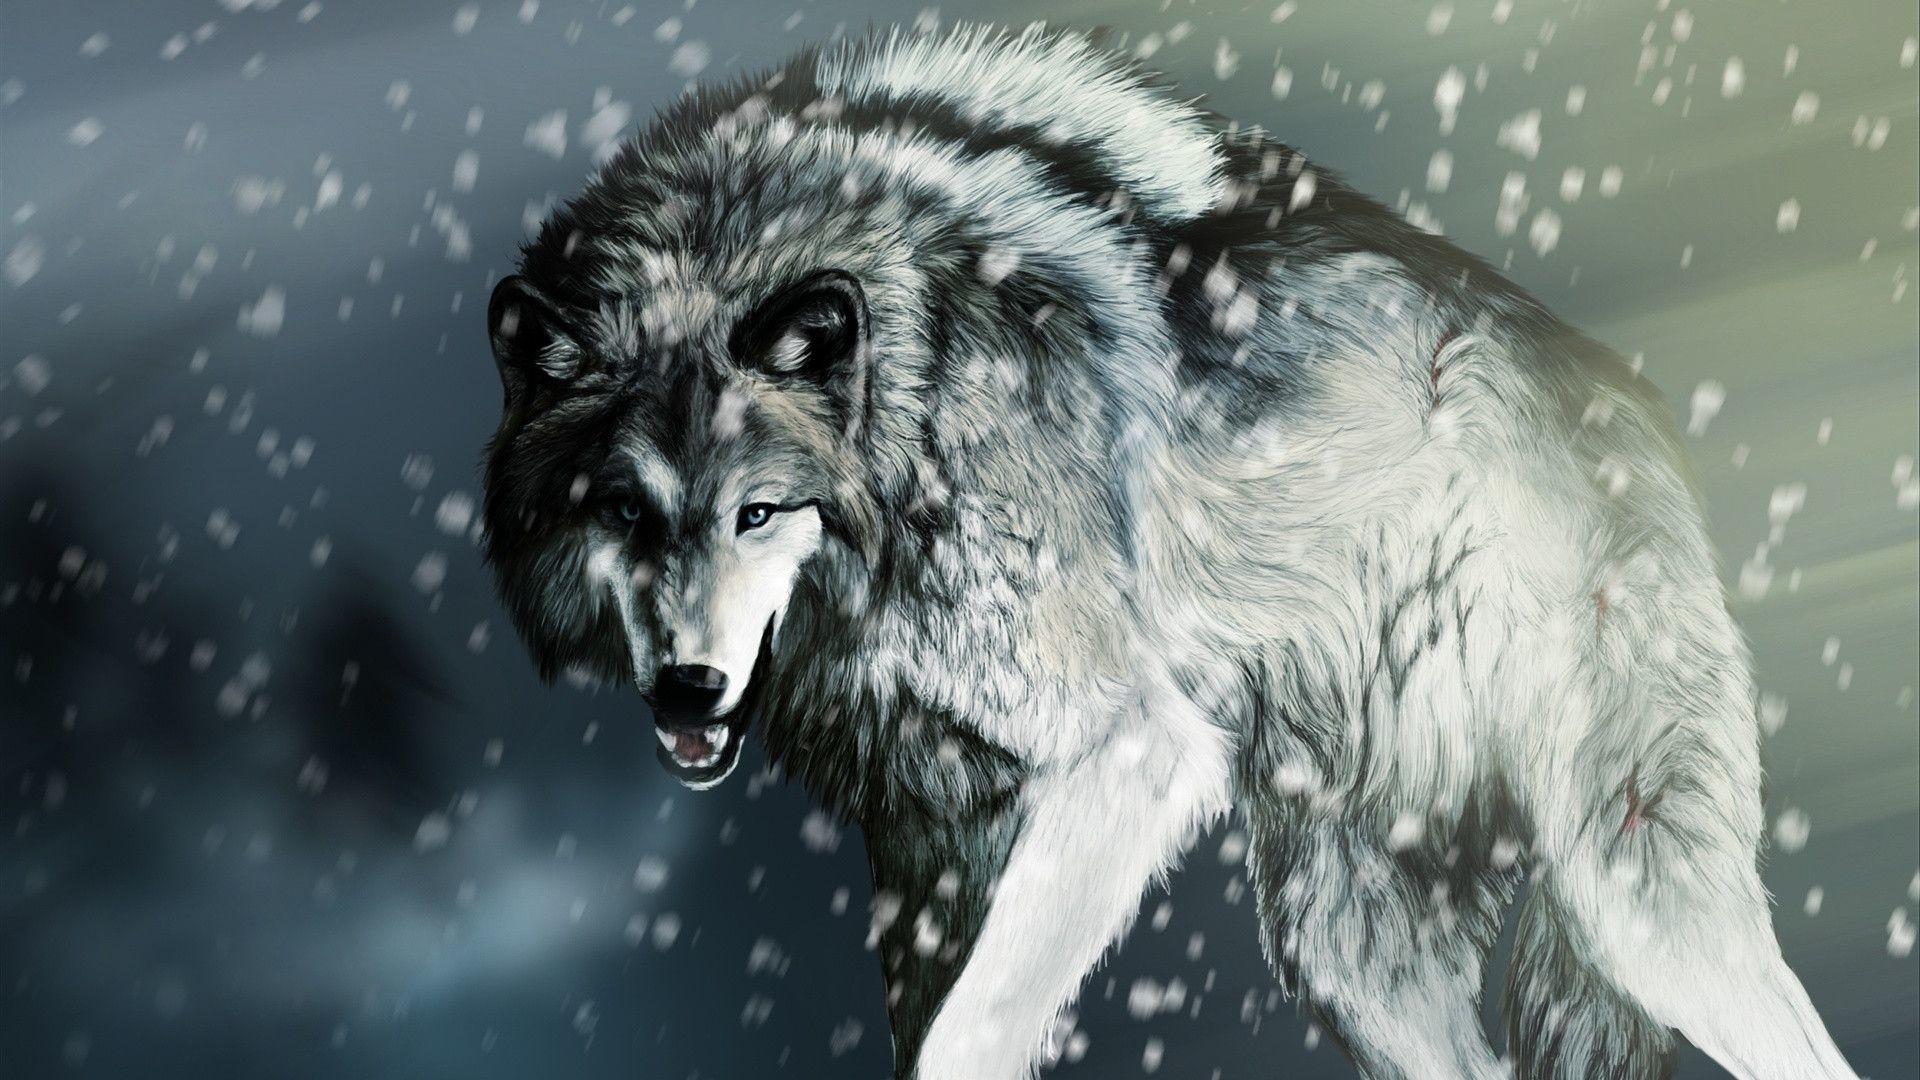 White Alpha Wolf Wallpaper Digital Art Wallpapers 41728